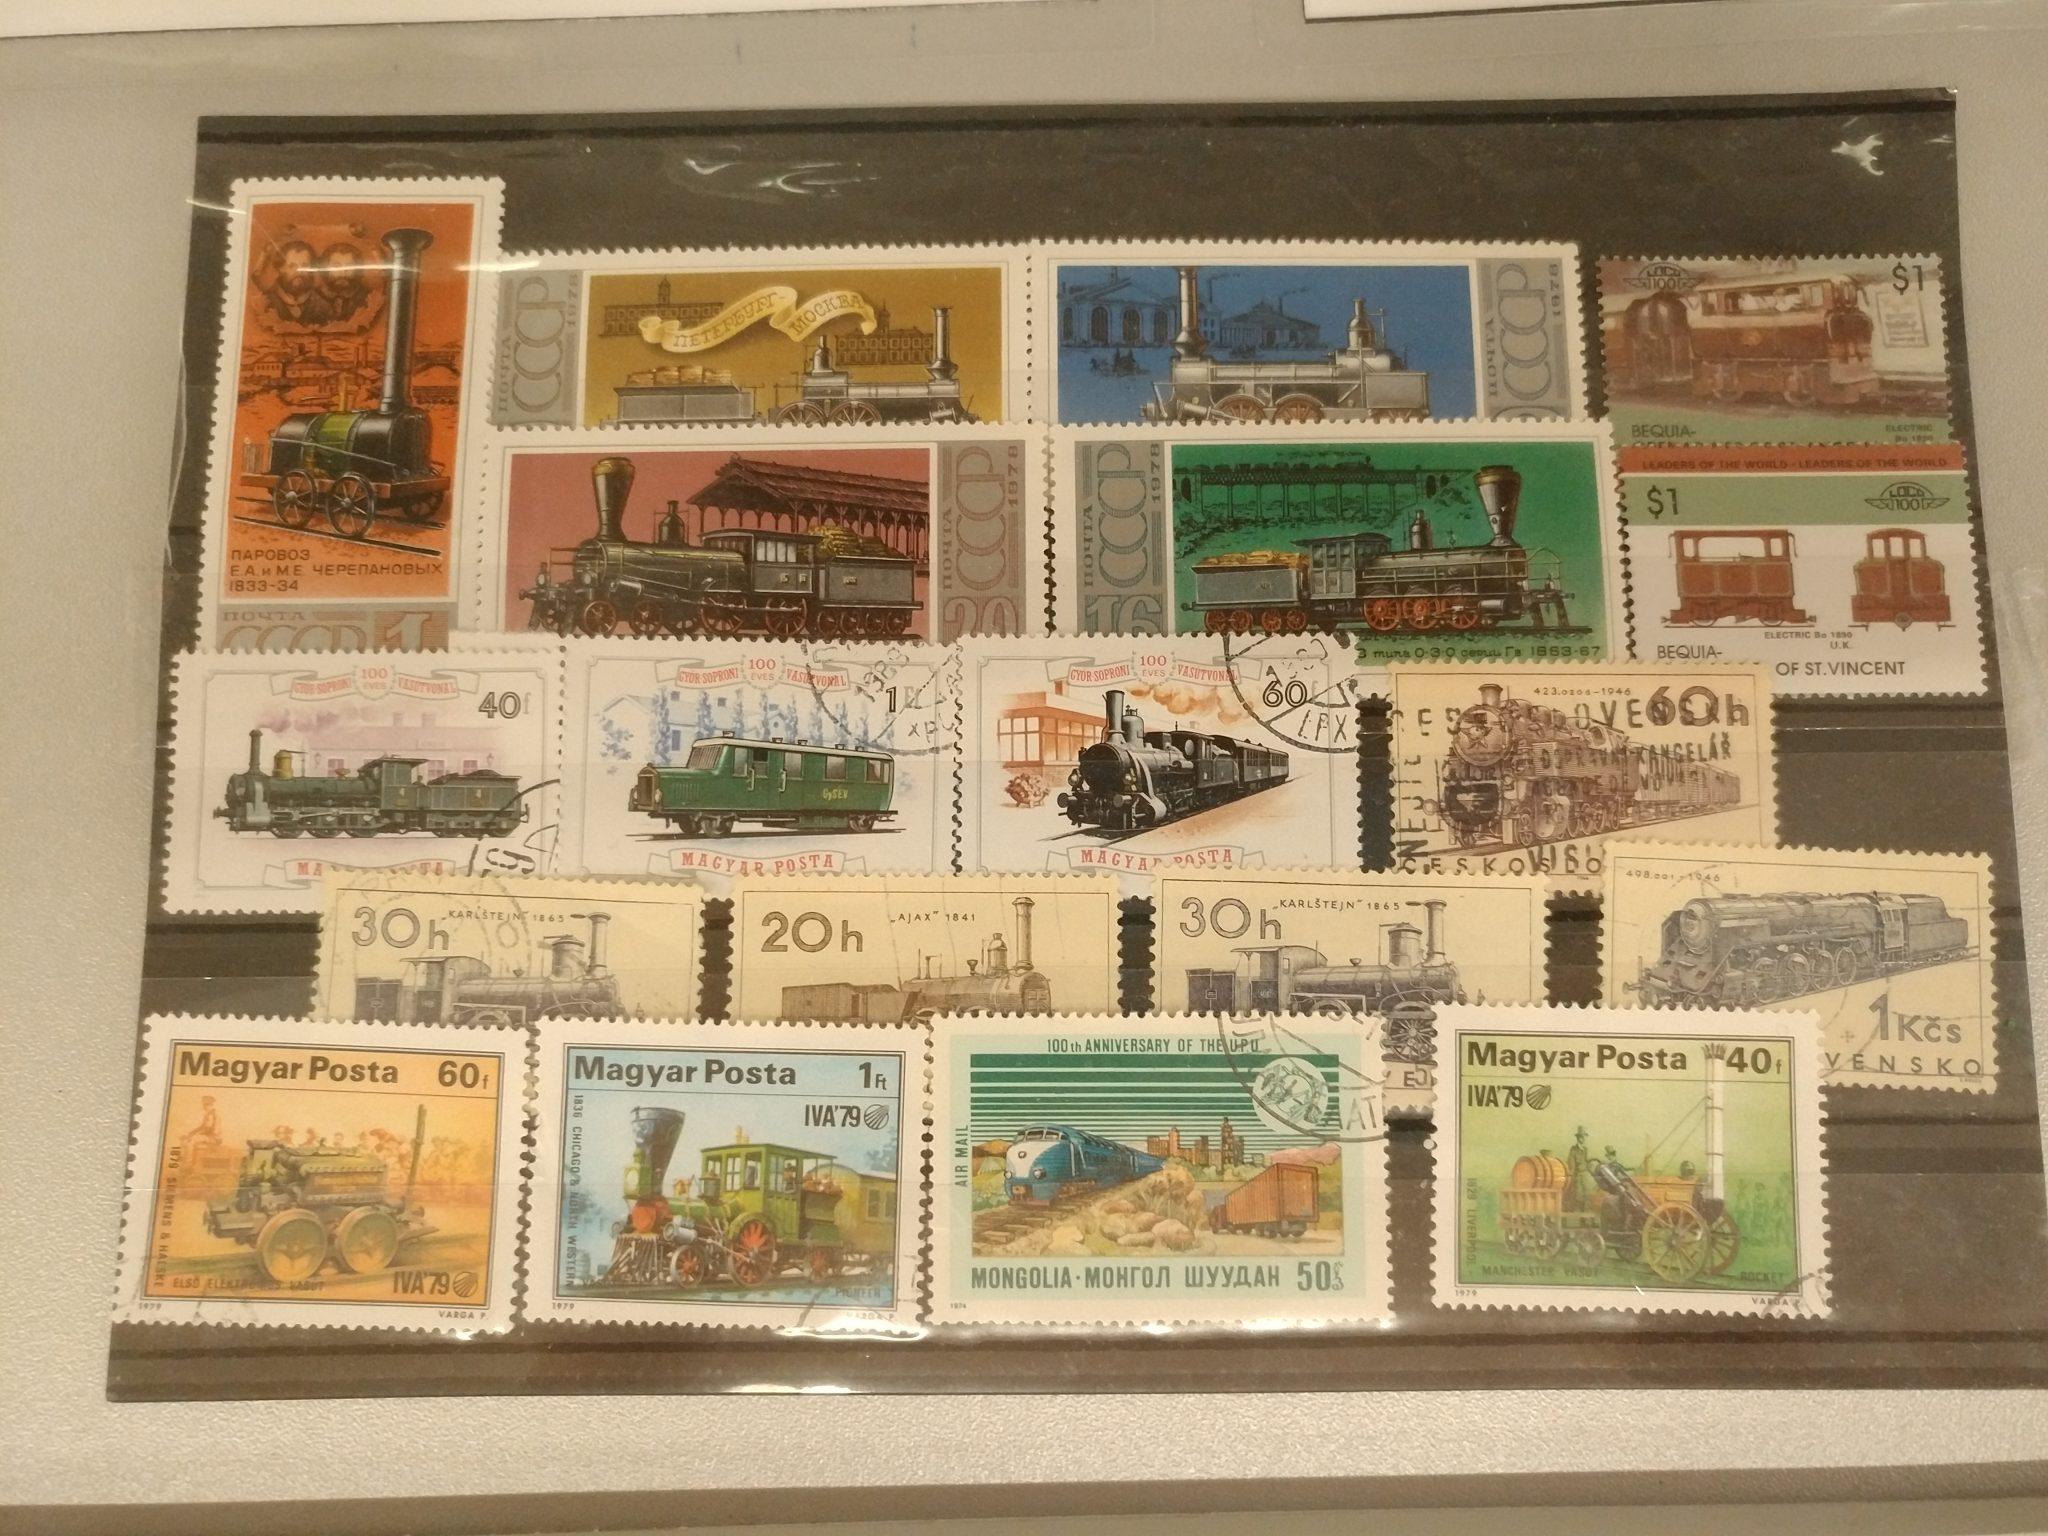 IMG 20181112 110810 - Zvone Ivančič: 160 let južne železnice – razstava maket lokomotiv in izbora znamk